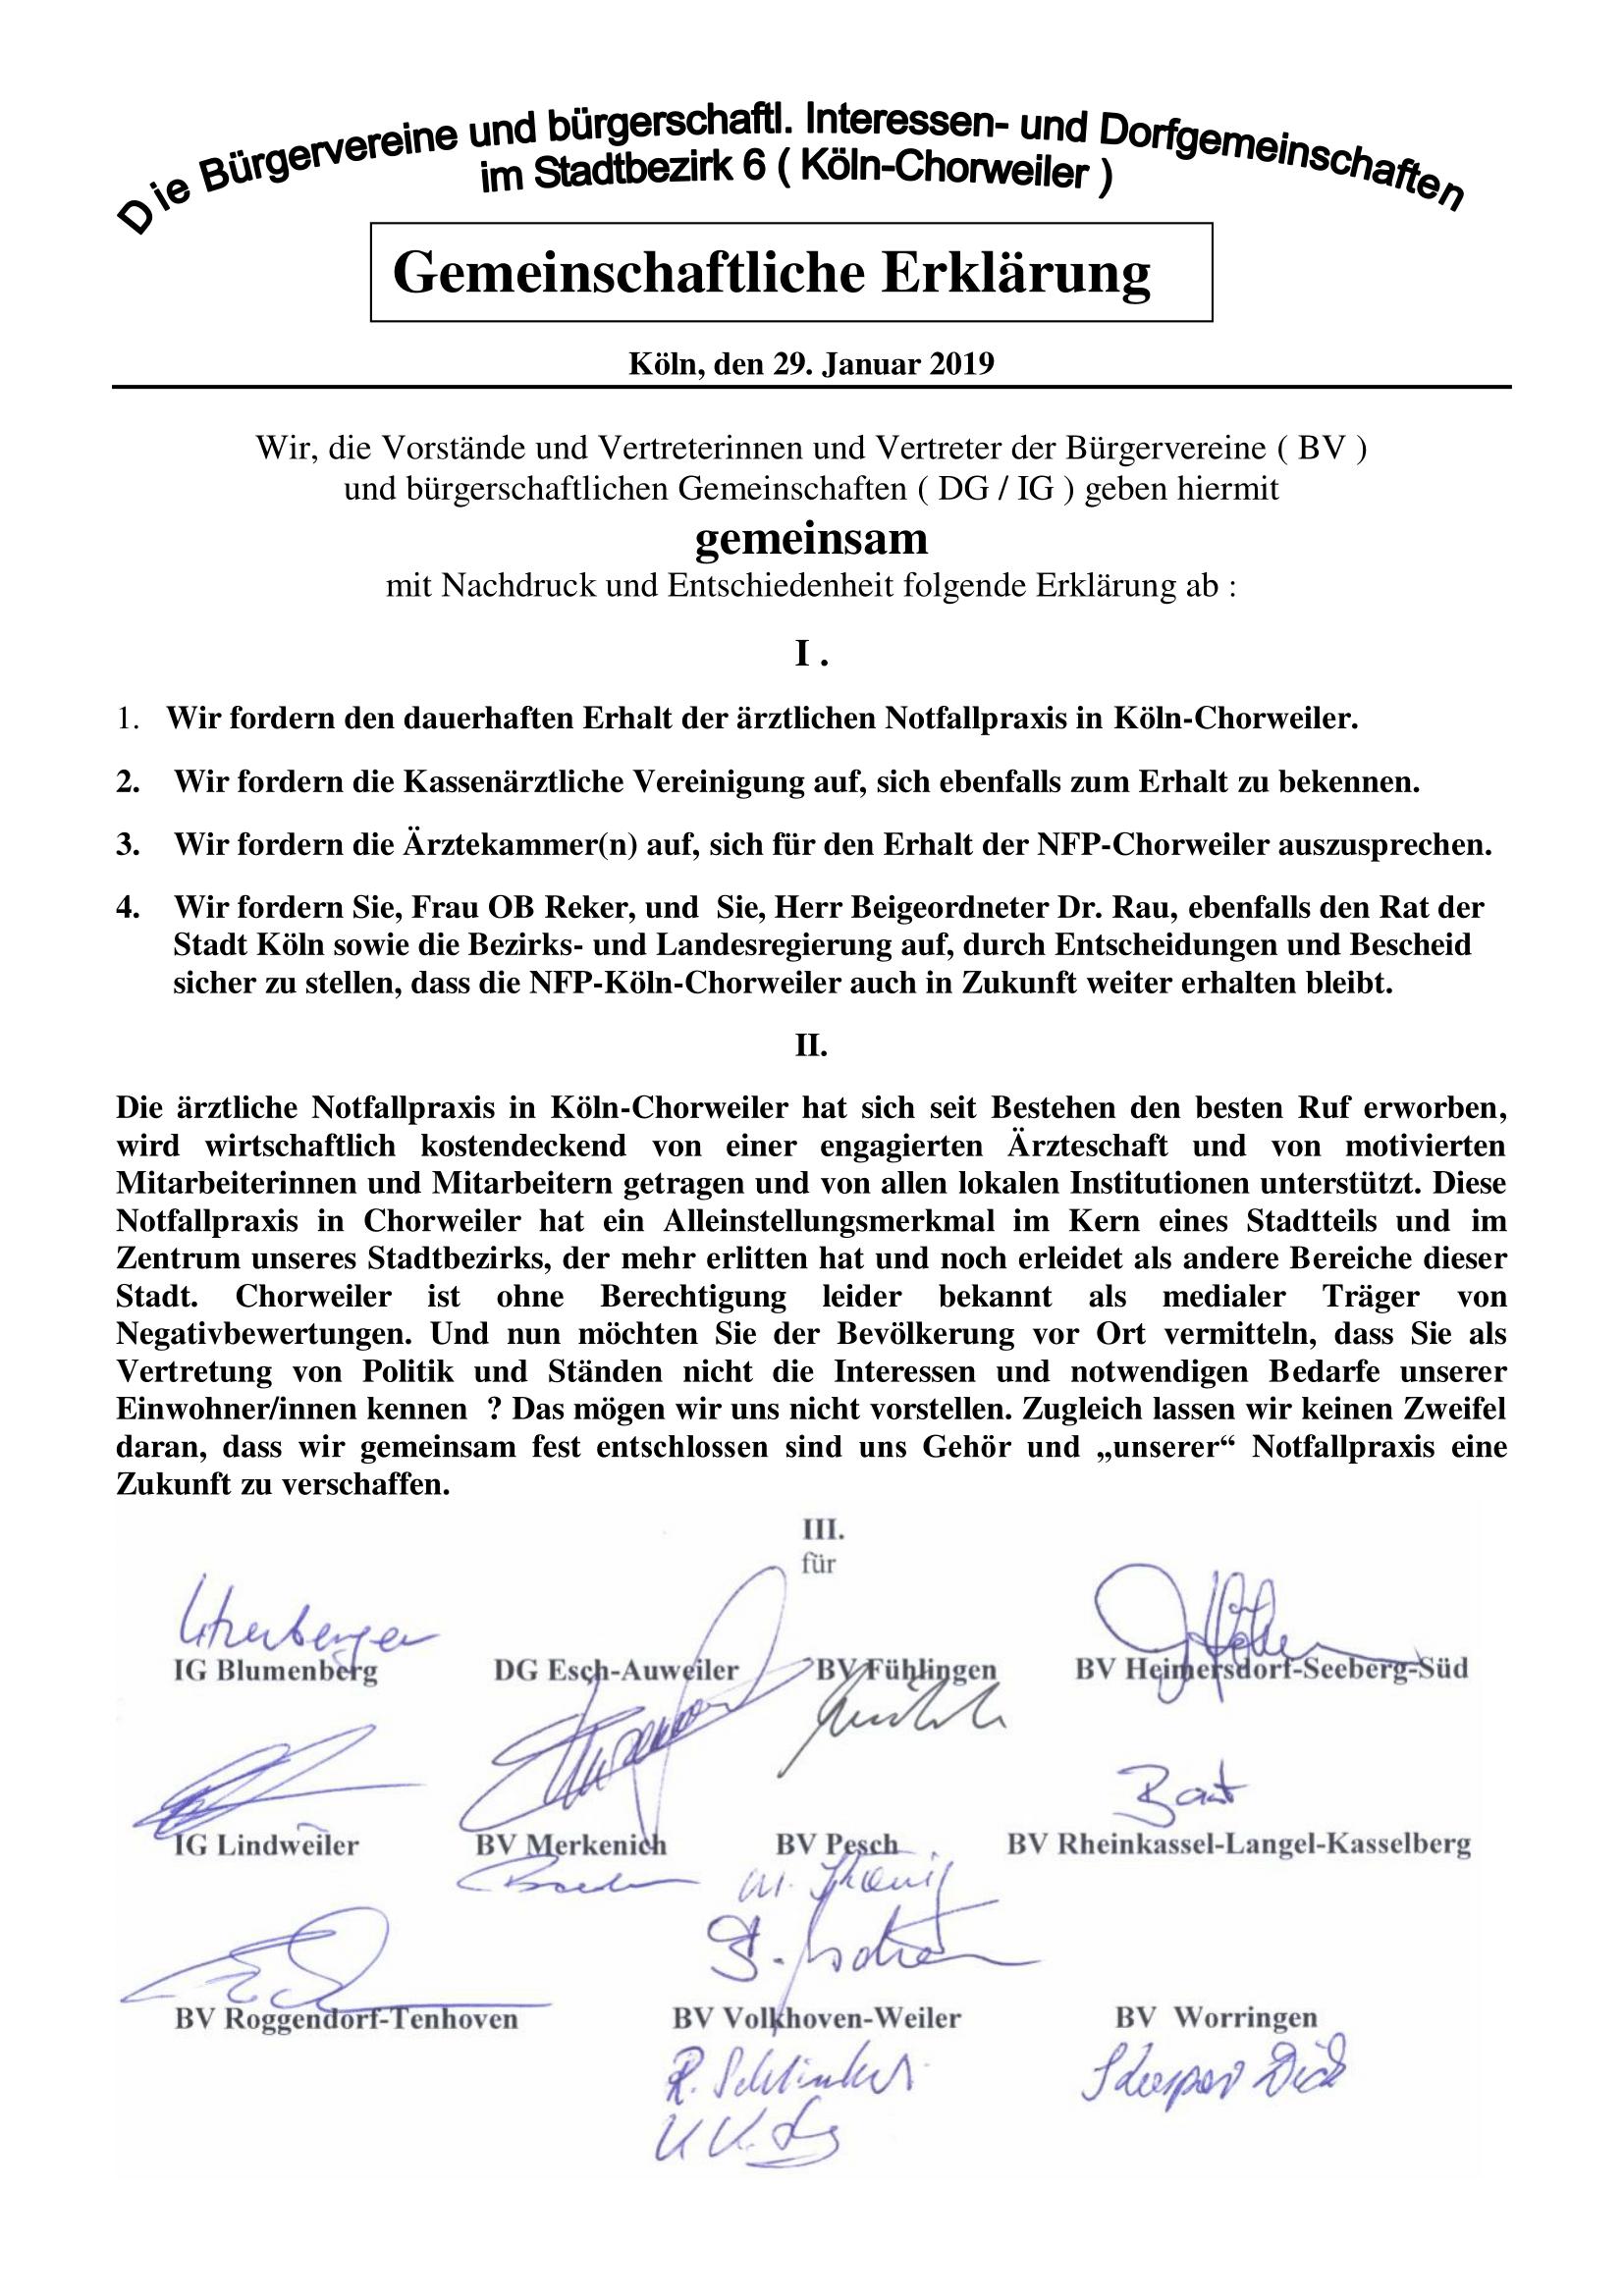 Erklaerung der Bürgervereine